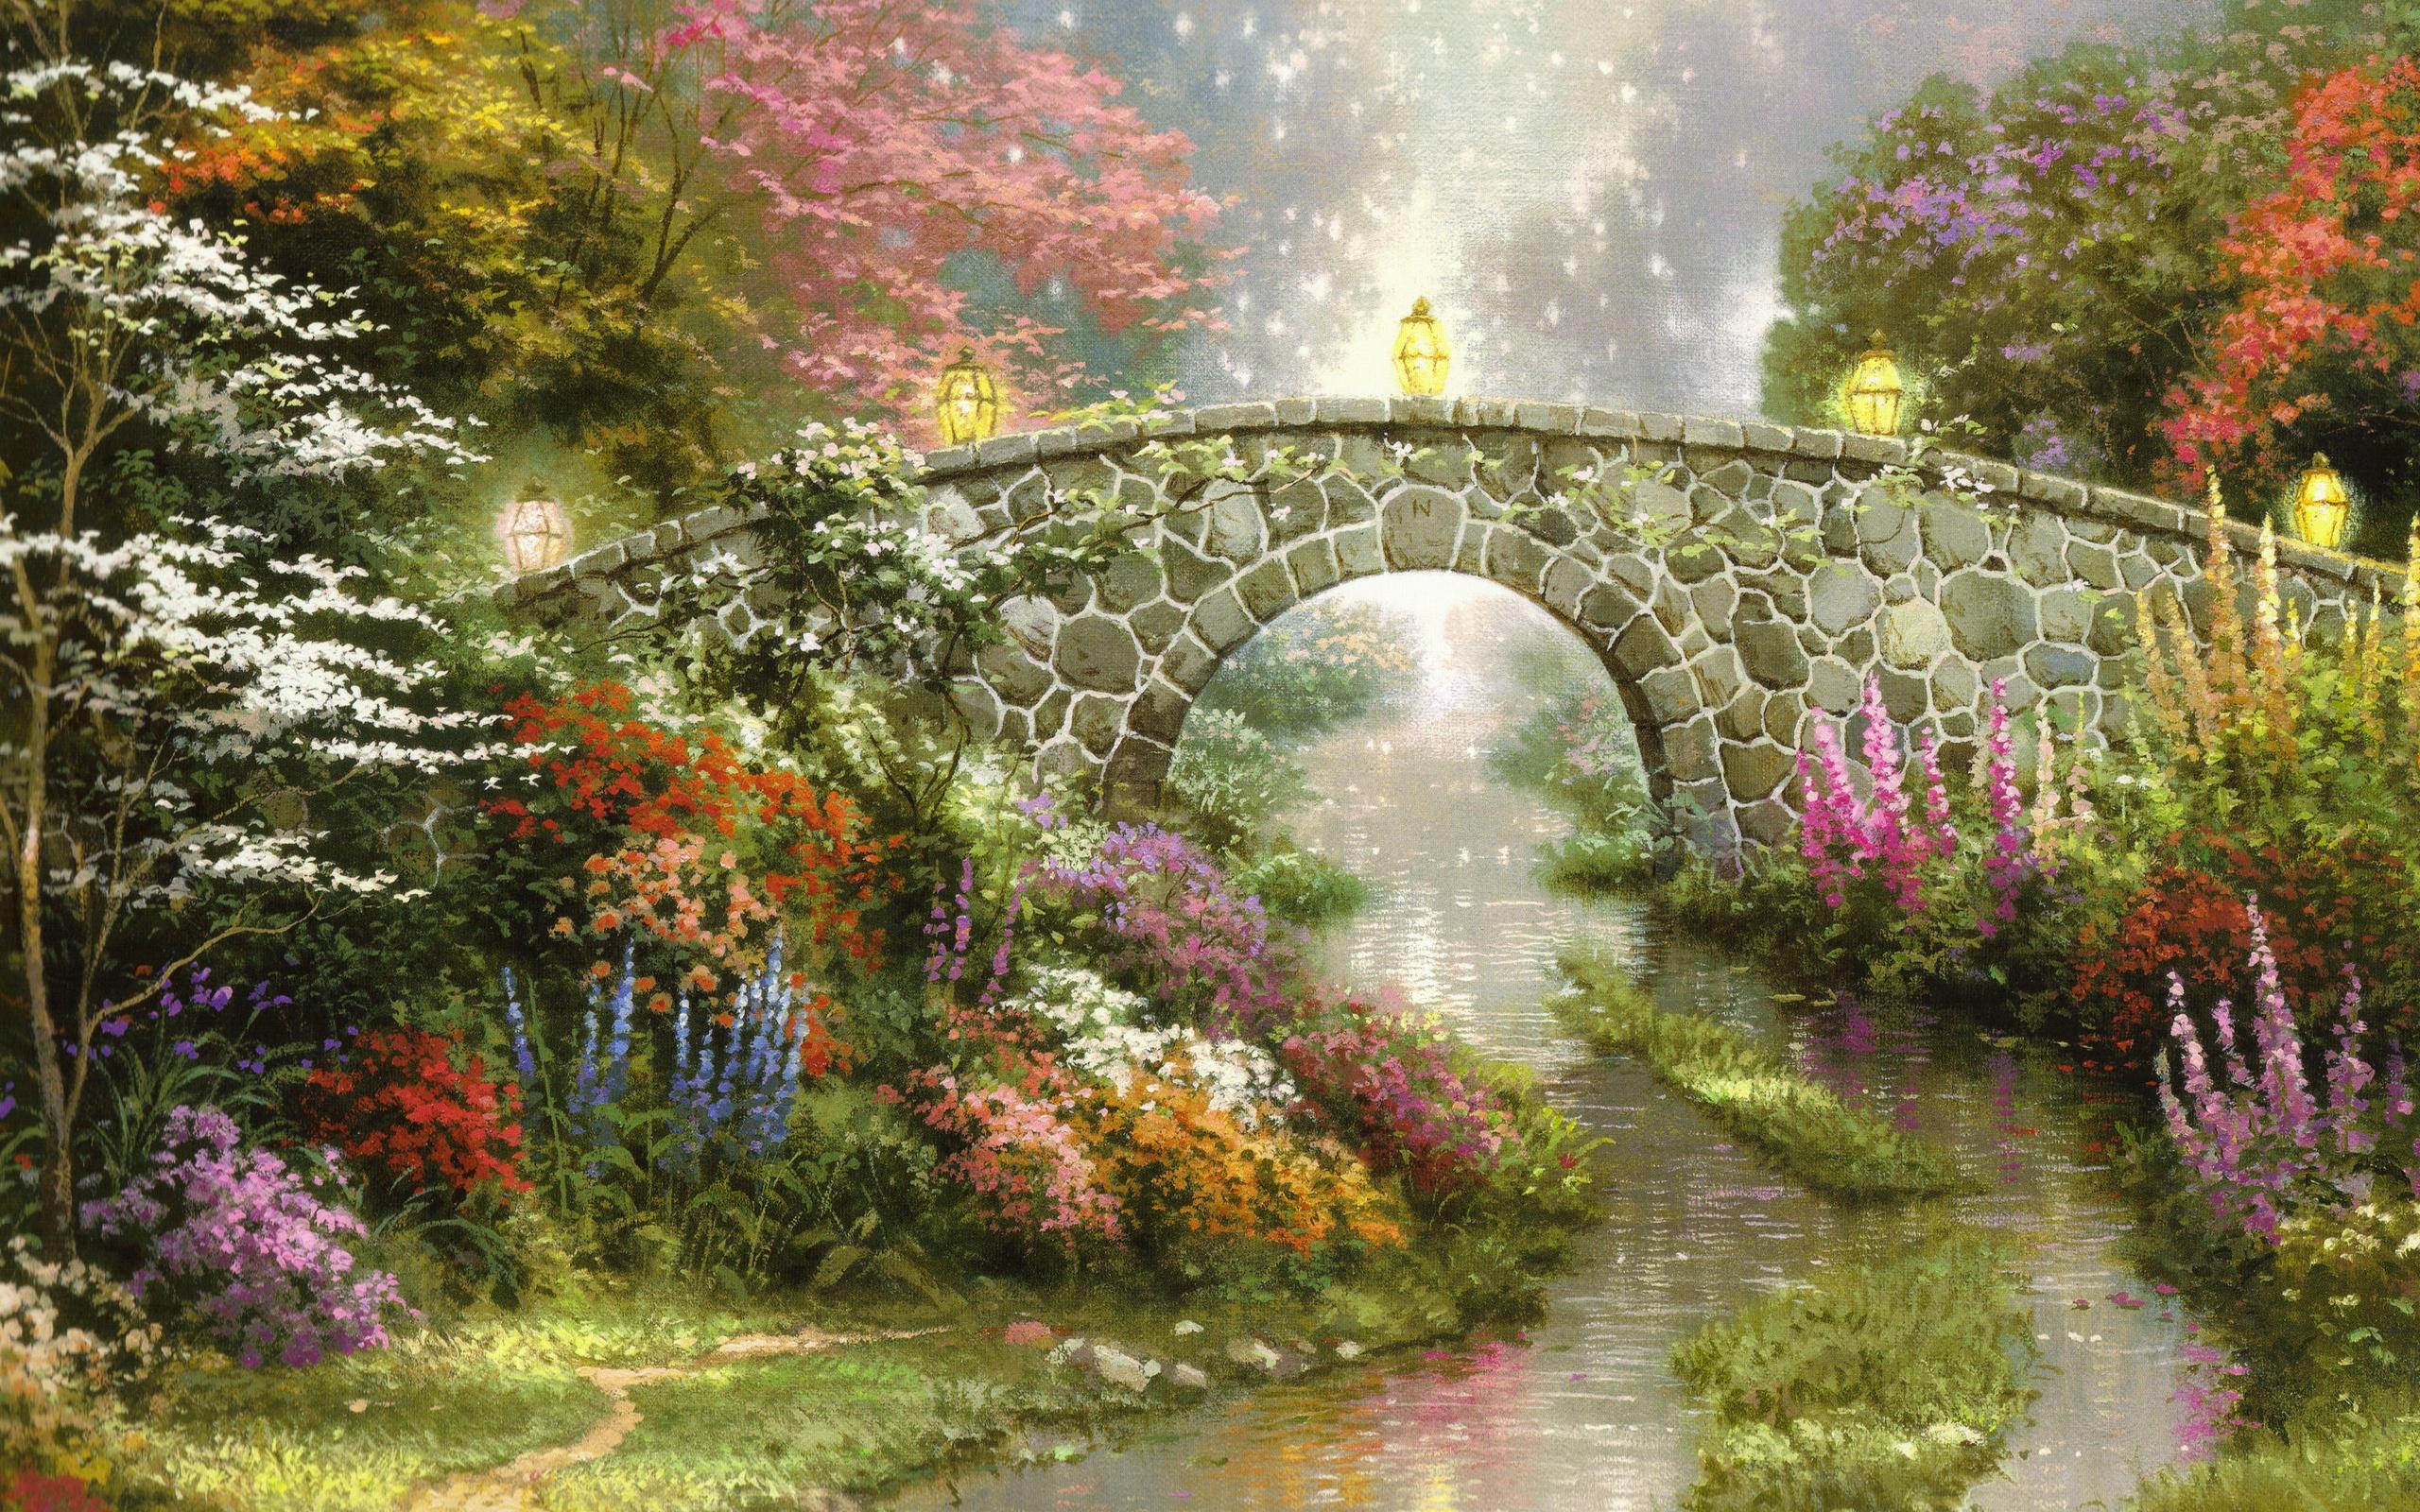 Картинки сказочных мостов